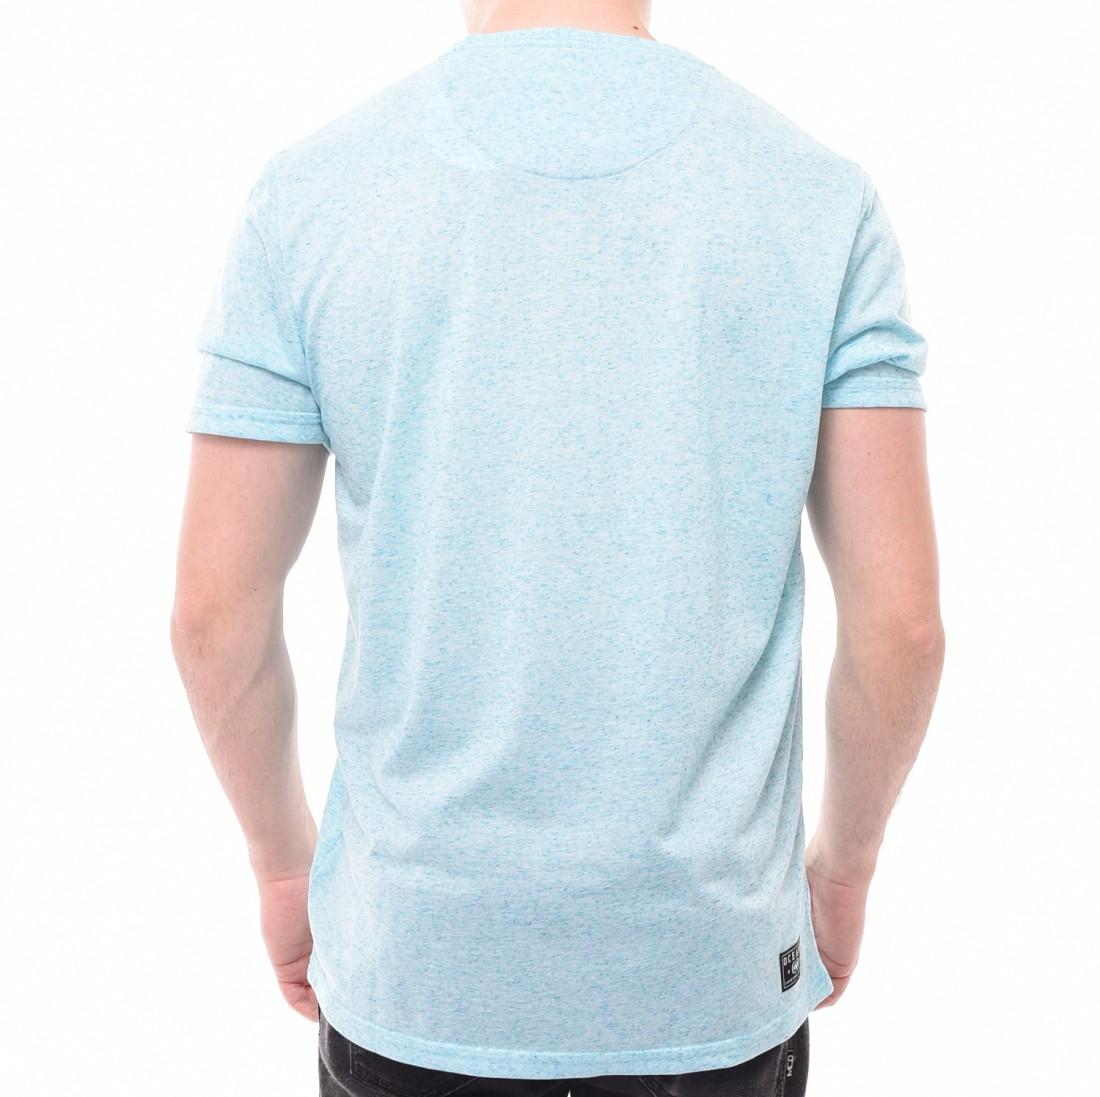 Camiseta Oceano Bolso Floral Azul Mescla · Camiseta Oceano Bolso Floral Azul  Mescla 7972e570b48